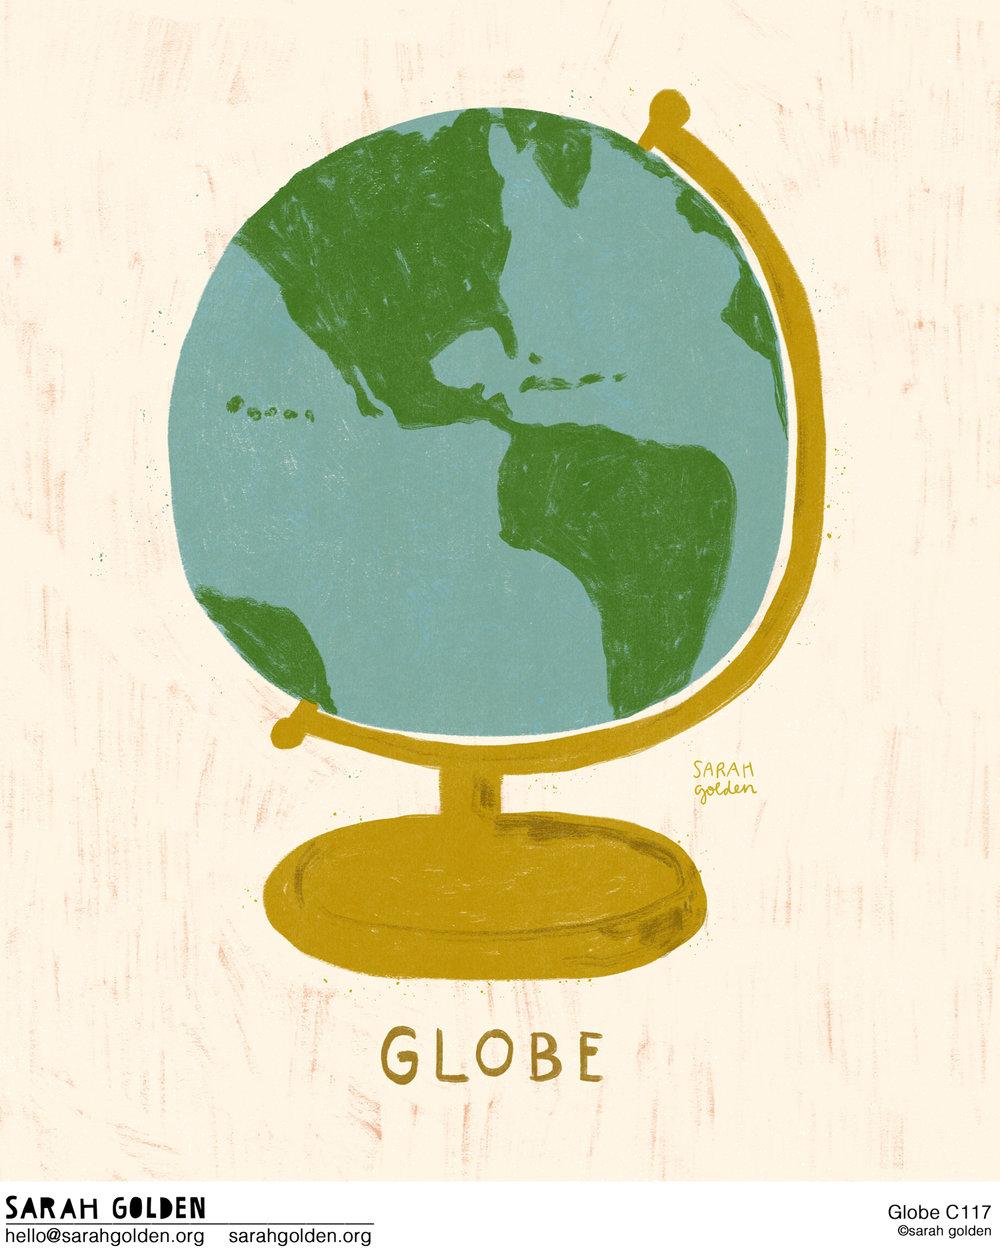 Globe_C117_Catalog_Sarah_Golden_logo_web.jpg